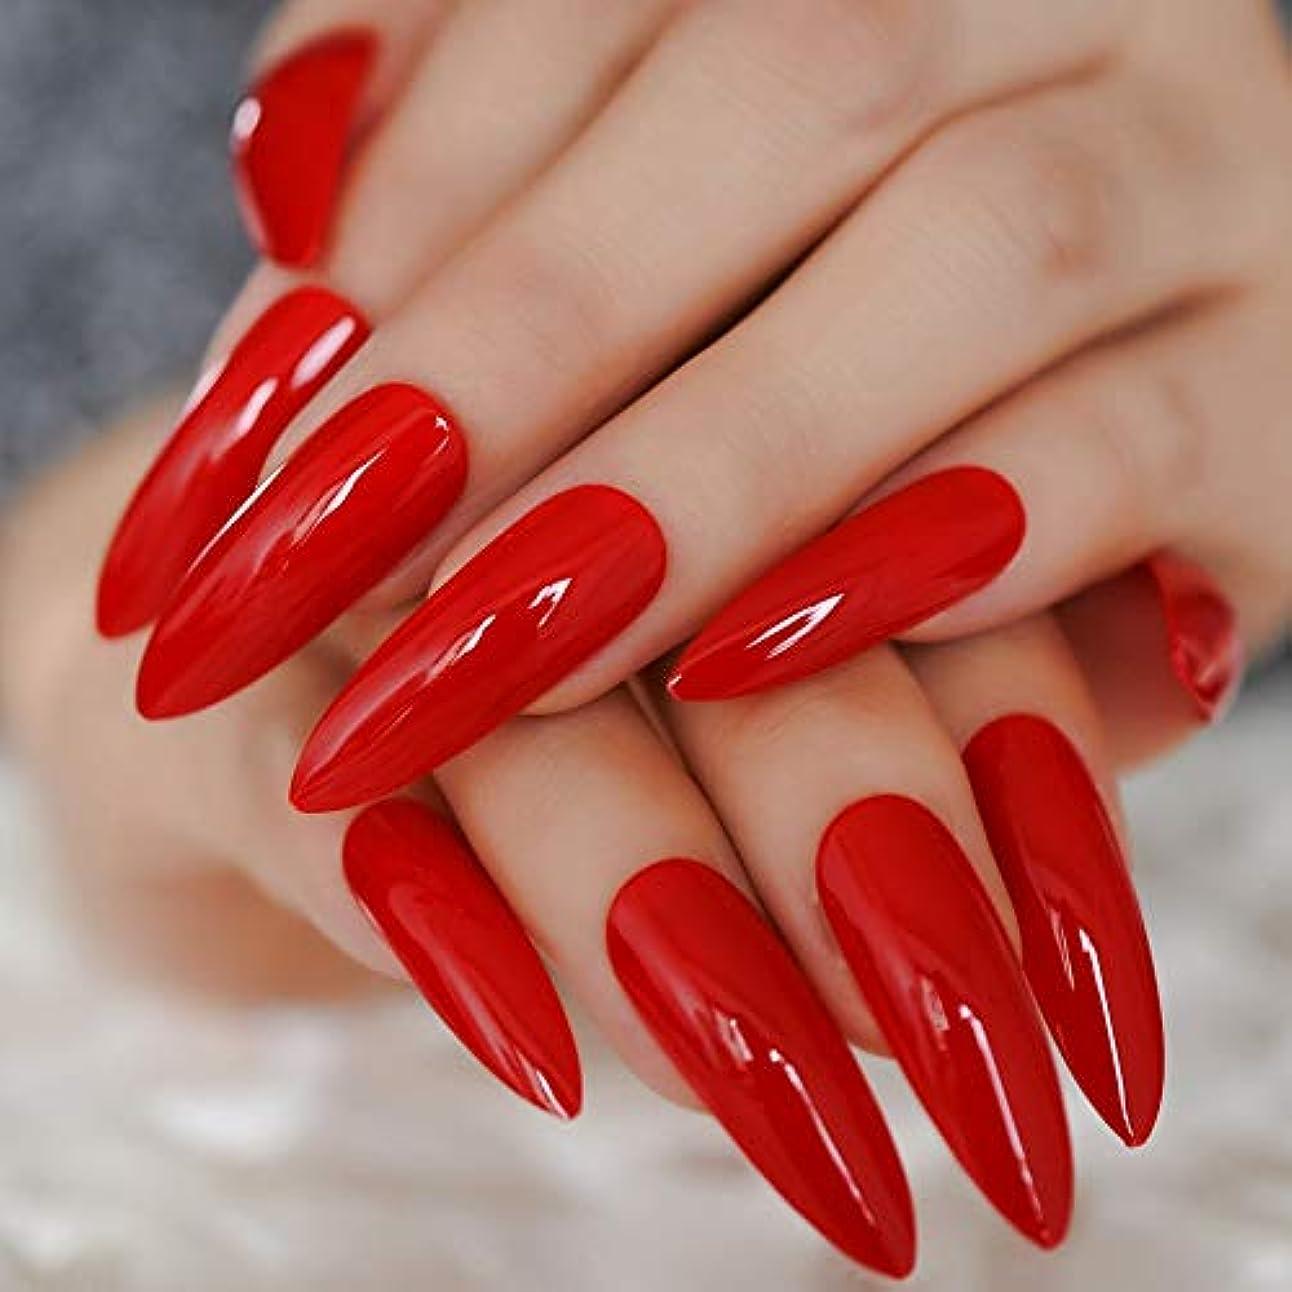 地殻最大の癌XUTXZKA 赤い偽の爪指のための極端な長い砂糖の爪24